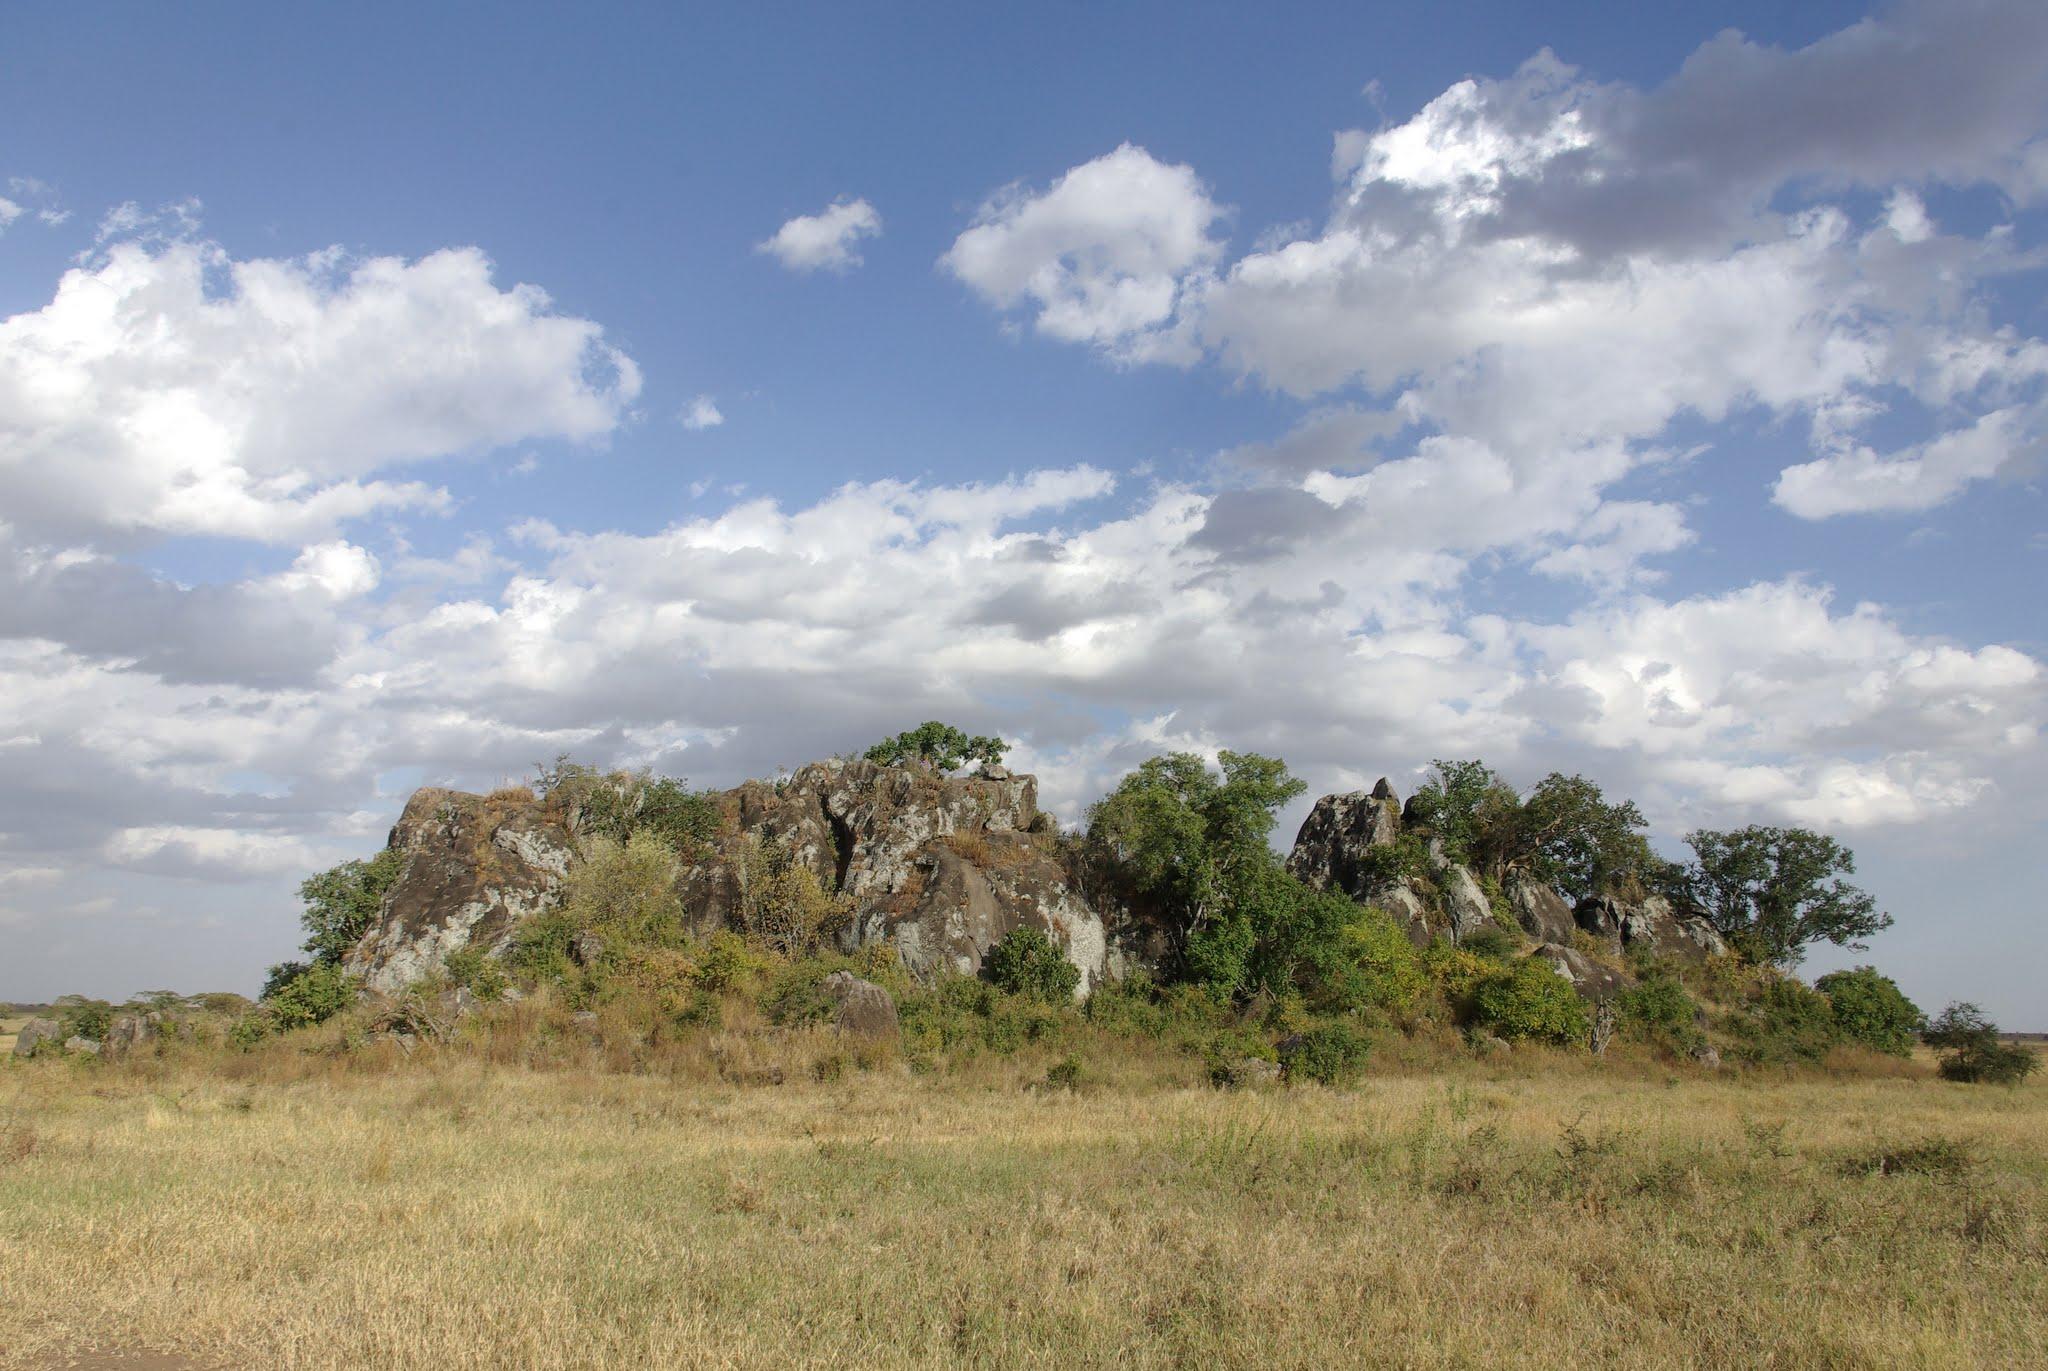 6-serengeti-06-08_dxo